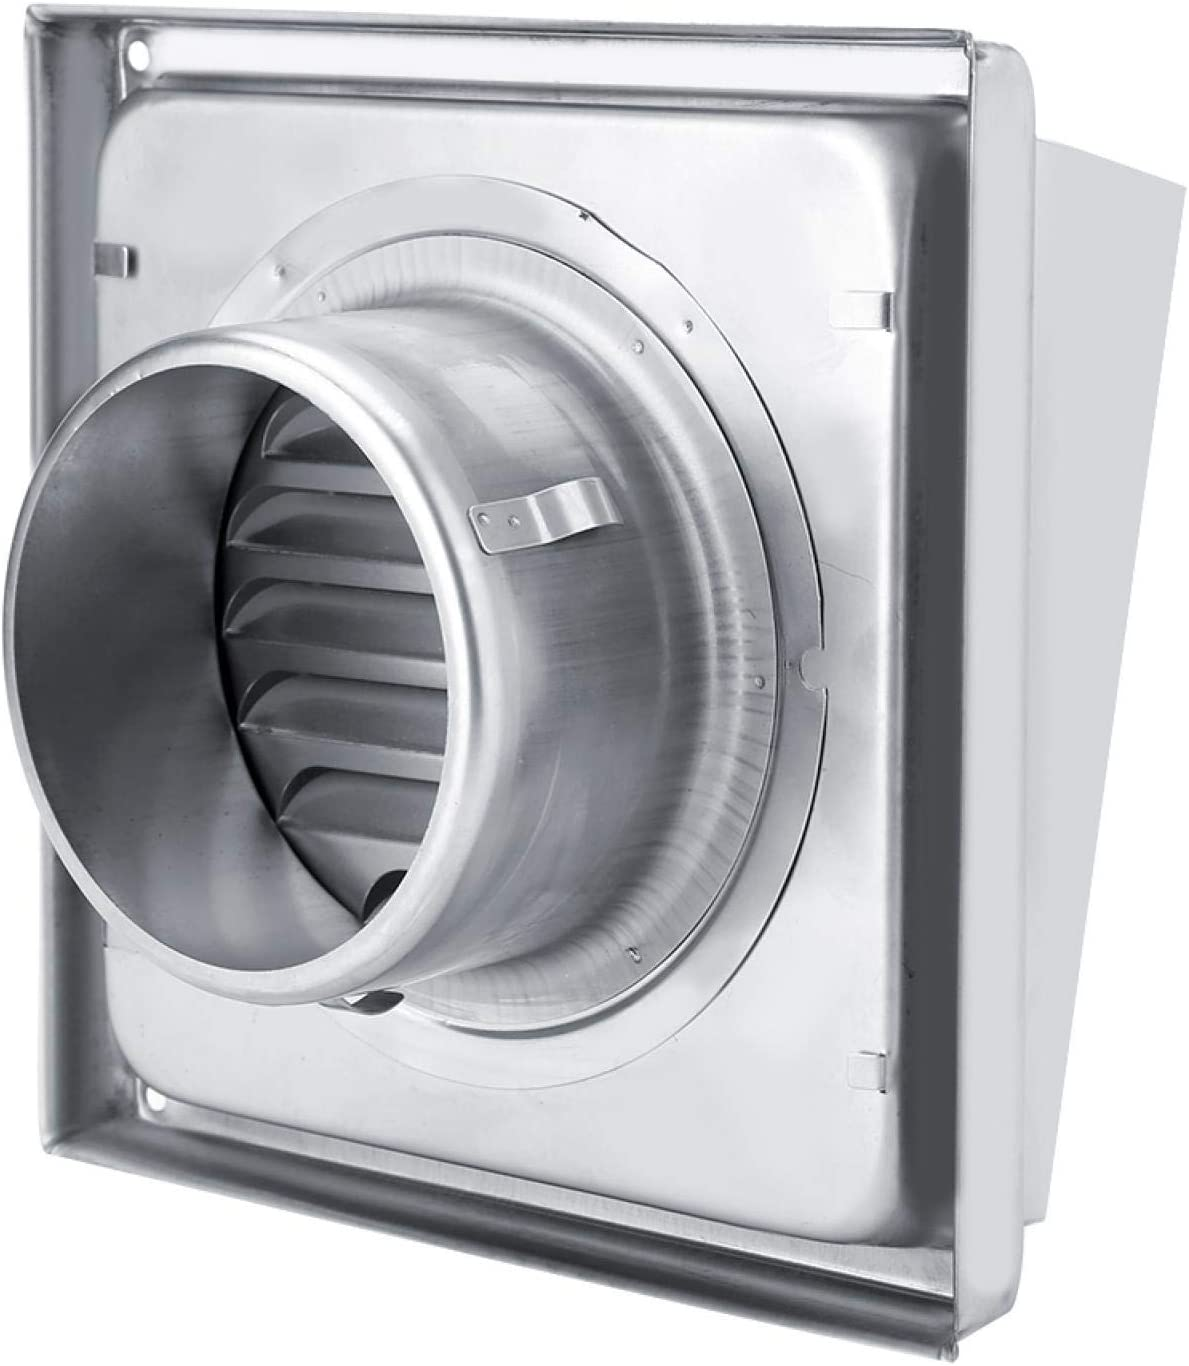 Ventilaciones de Aire de Acero Inoxidable 304 95 mm, Rejilla de Conducto de Ventilación de Aire Cuadrada Ventilación de Pared Externa Salida de Ventilador Extractora Cuadrada Para Baño Oficina